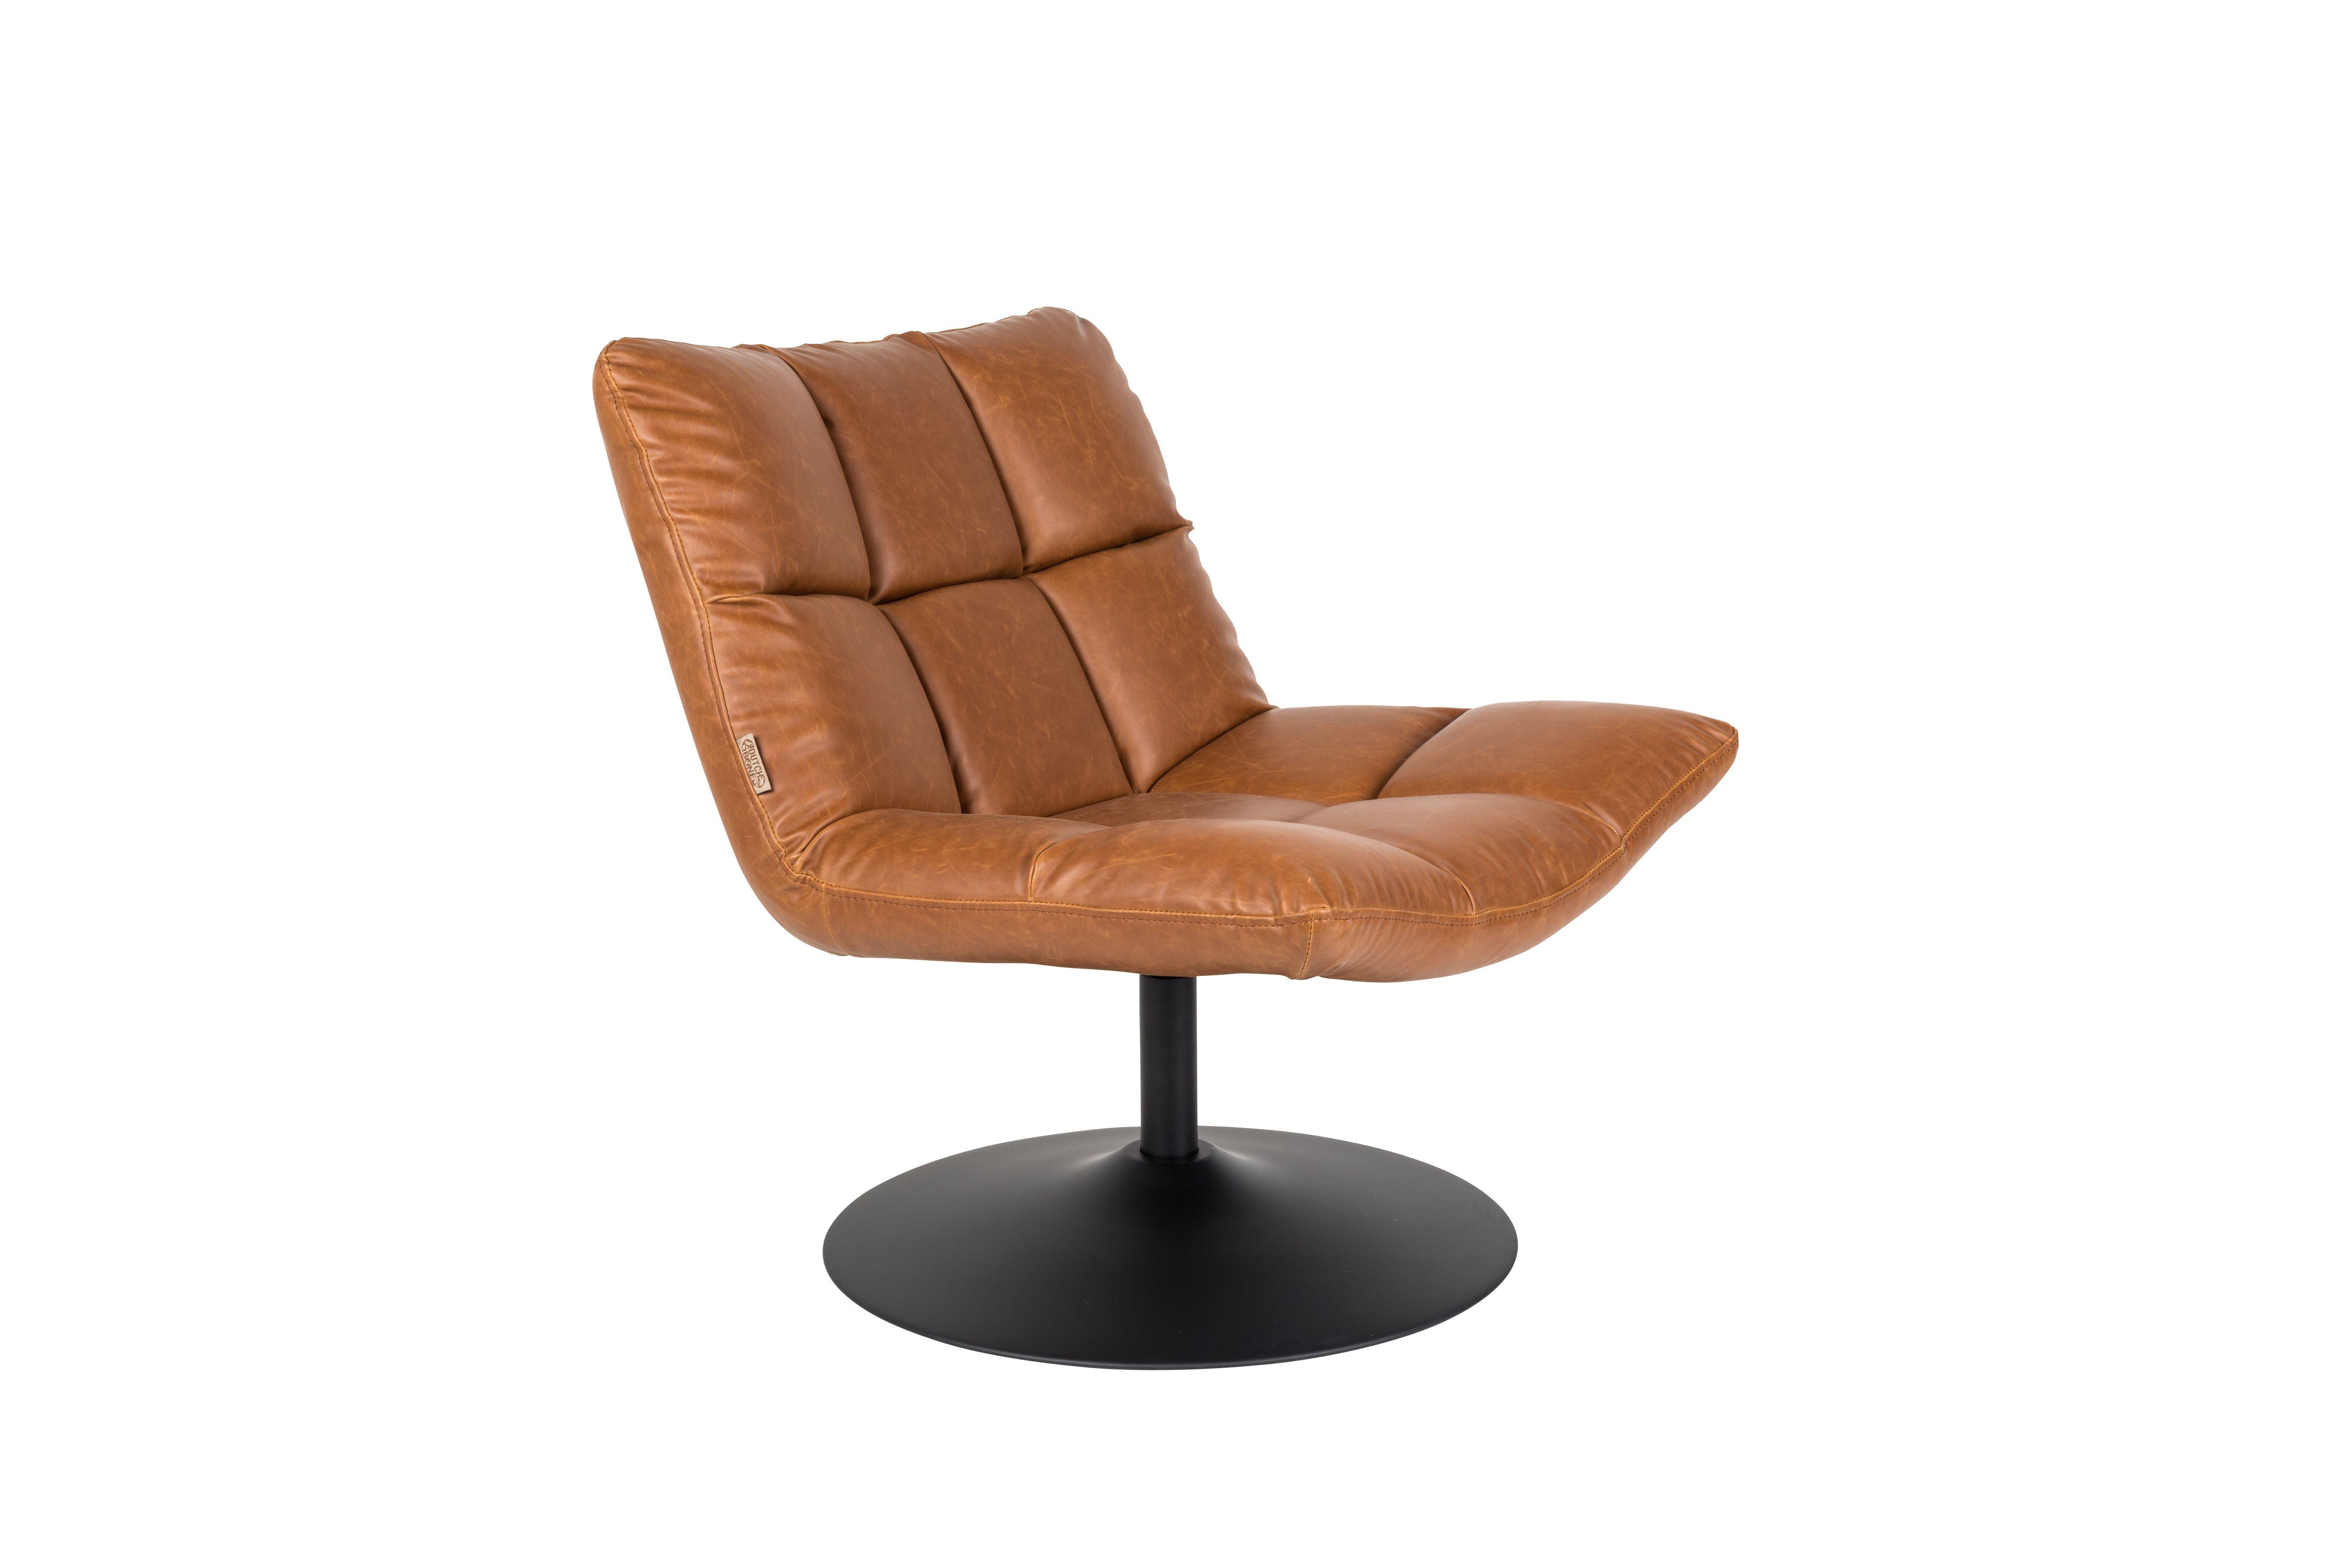 Fauteuil bar van dutchbone is een heerlijke loungestoel die zo